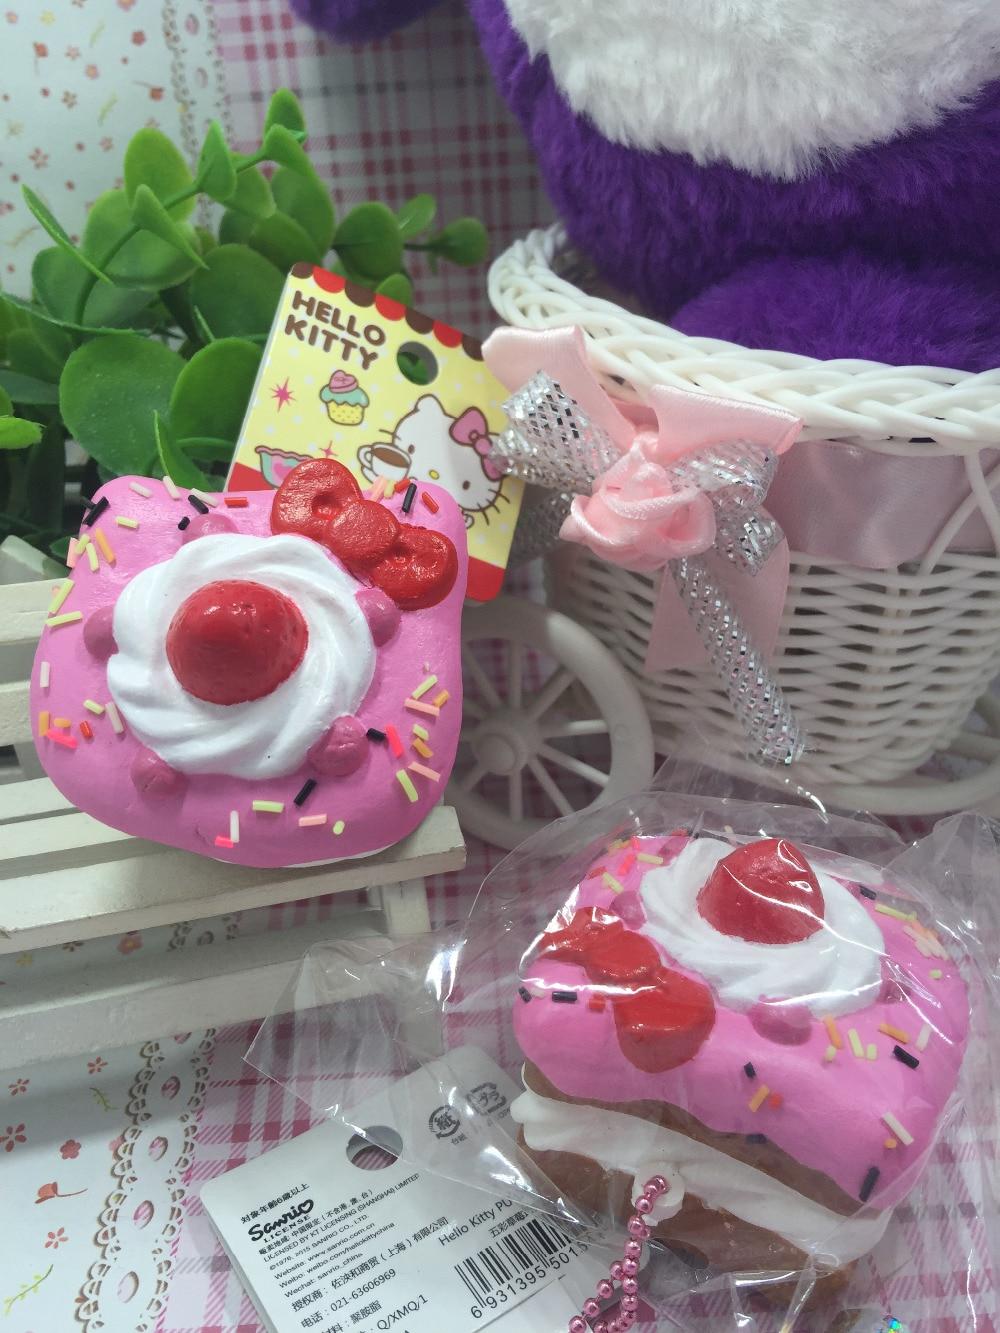 1 PC Paket Asli Langka Hello Kitty Telepon Licin Manis Kue Licin Pesona Merah Muda Mainan Stres Rilis Mainan Tali Squishies